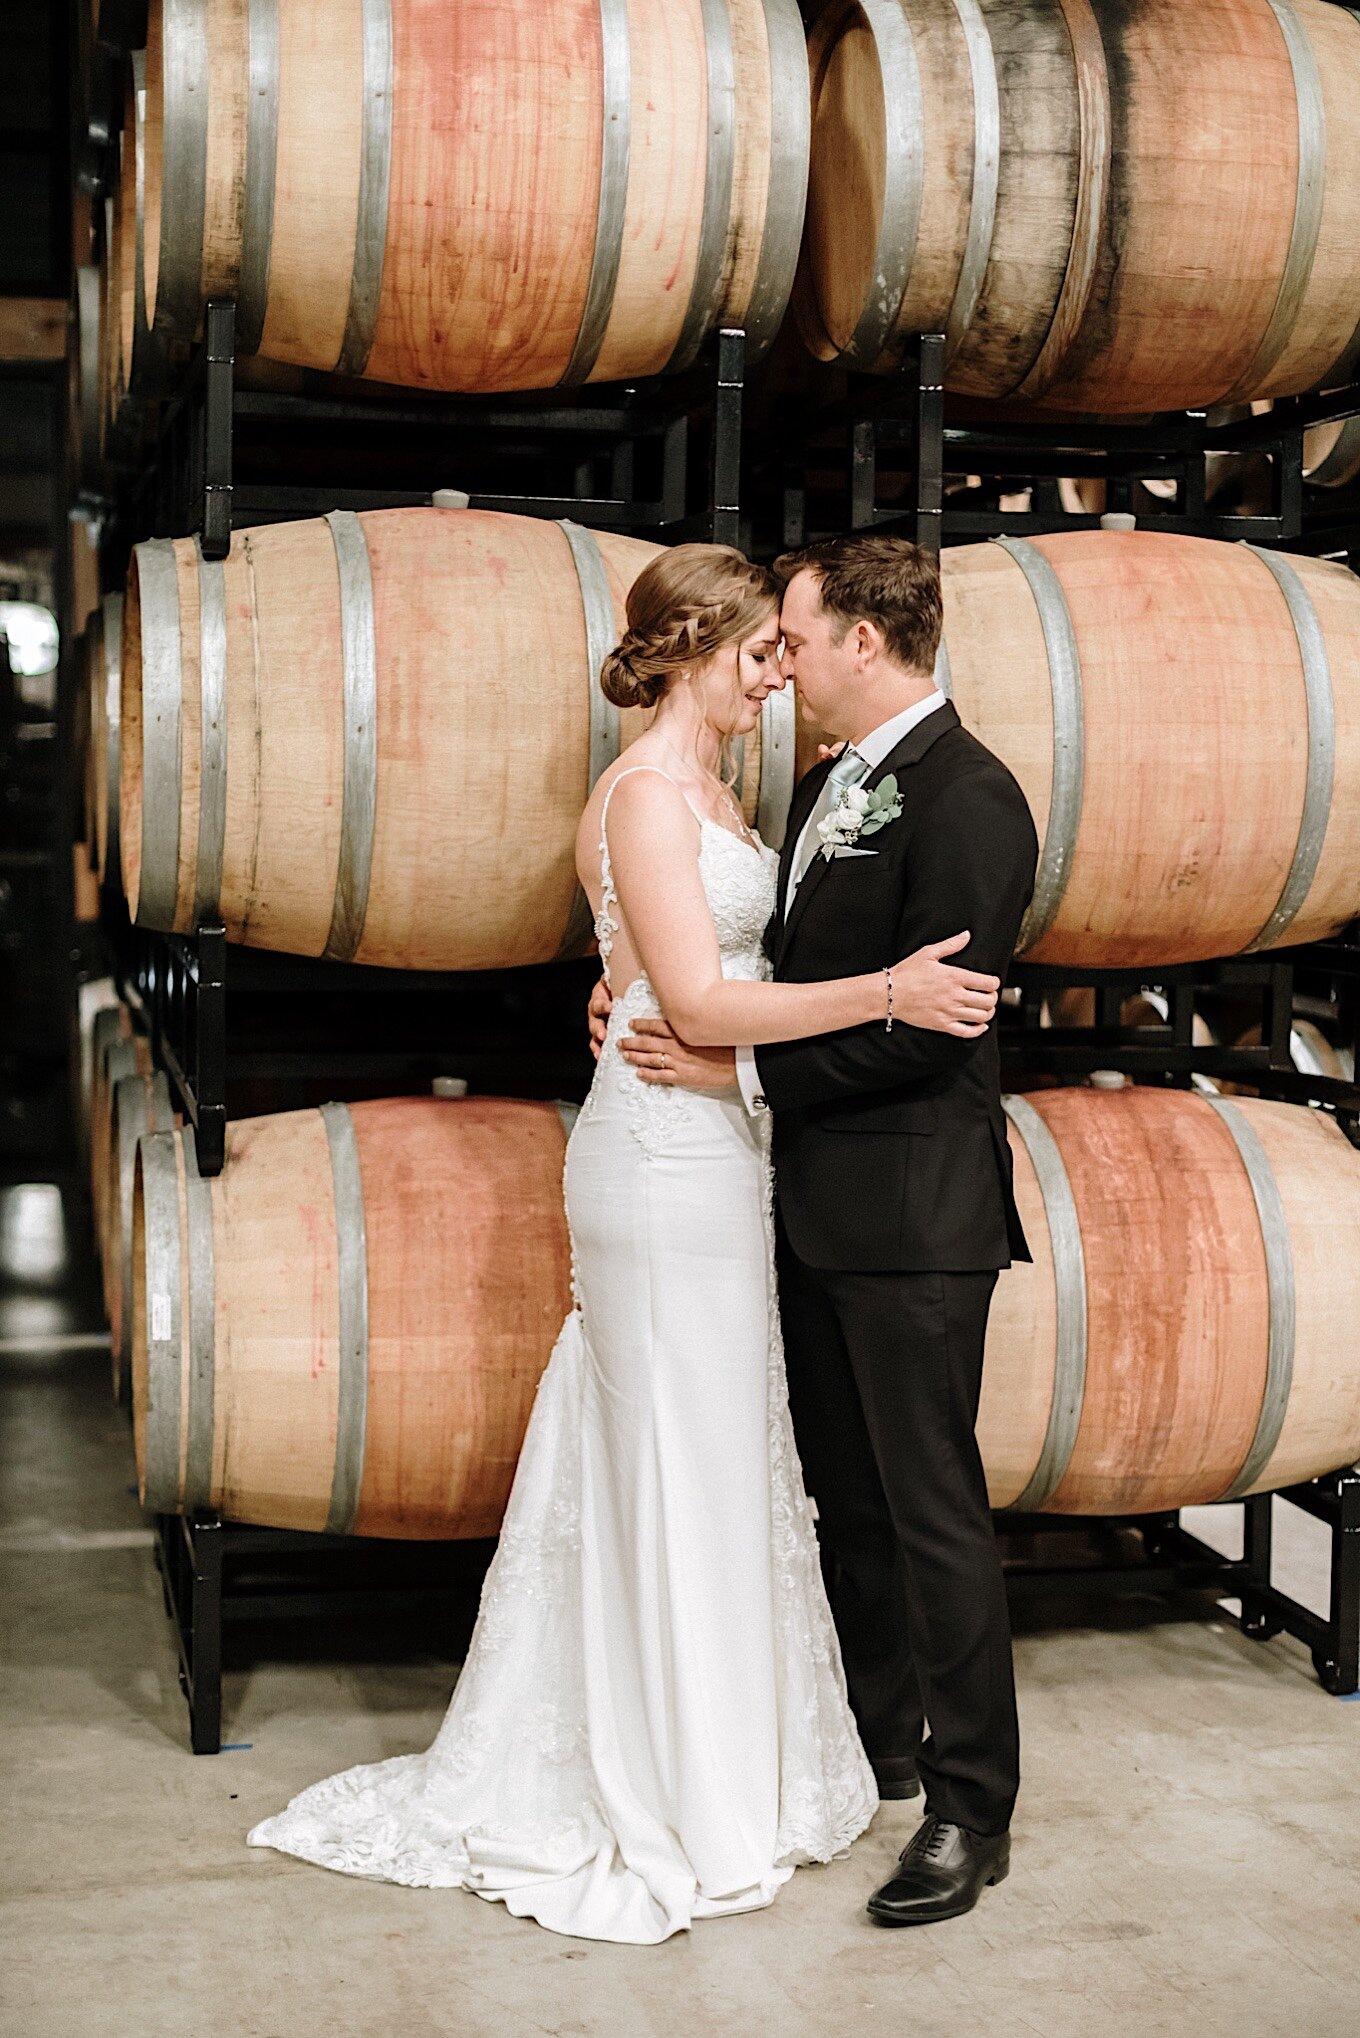 37_schutt-wedding-sneakpeek-46.jpg